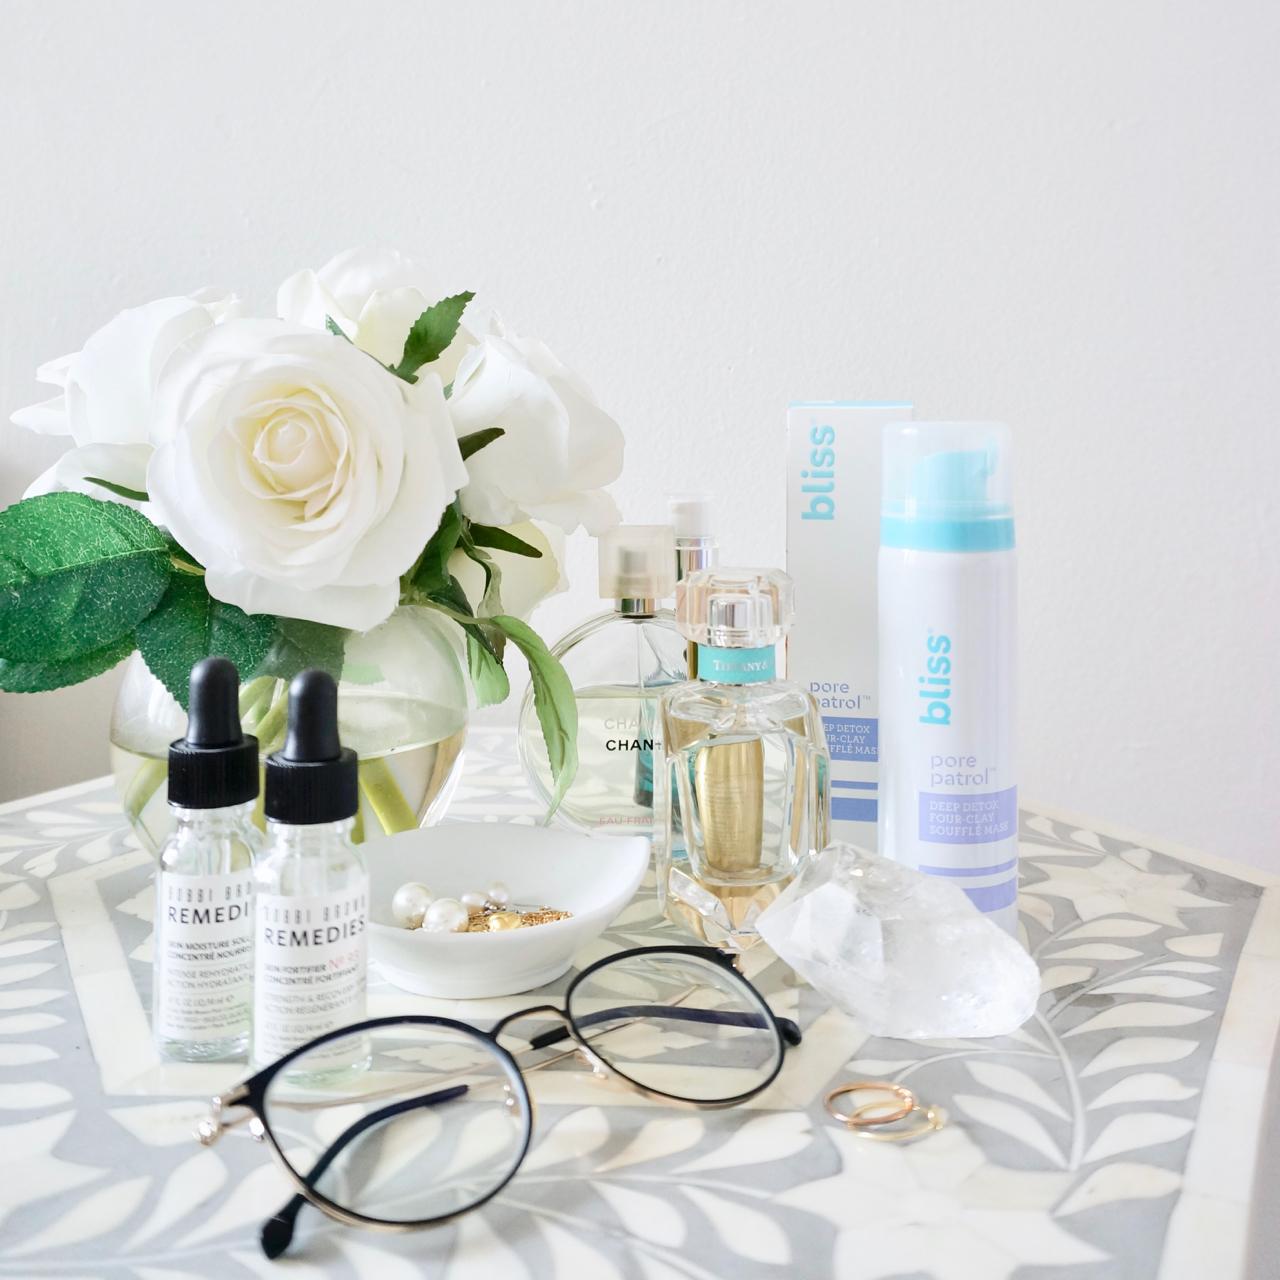 bliss pore patrol beauty shelfie